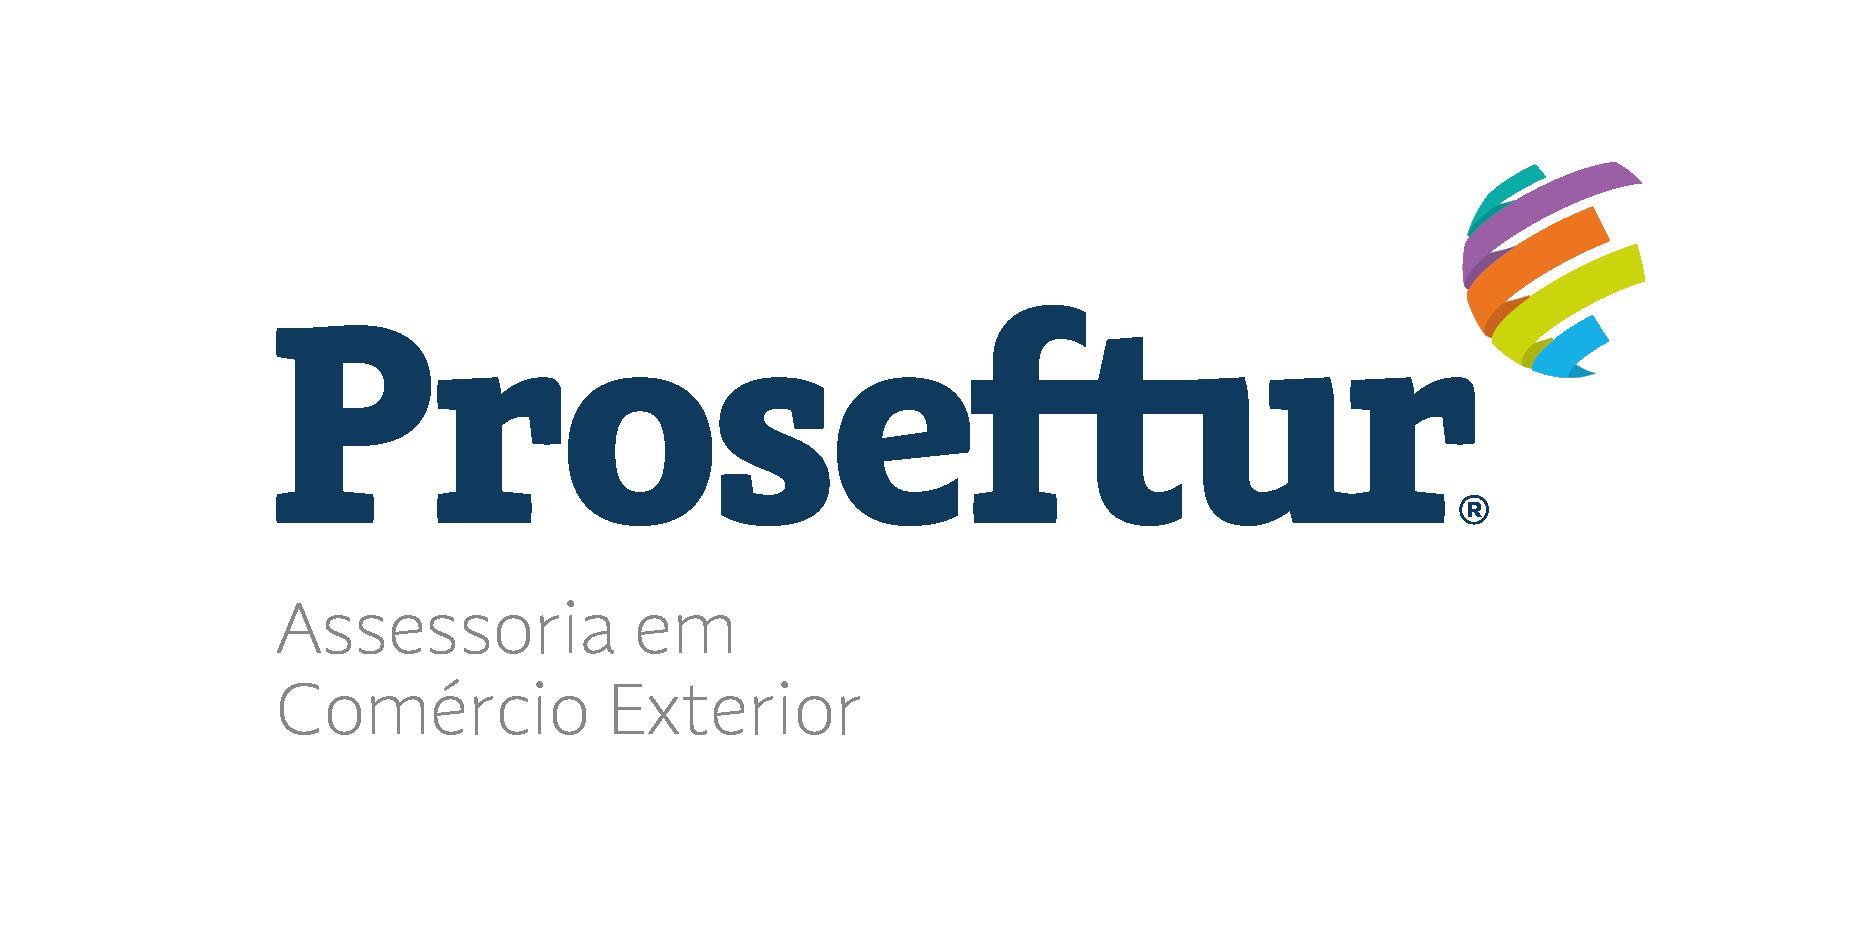 Proseftur Brazil